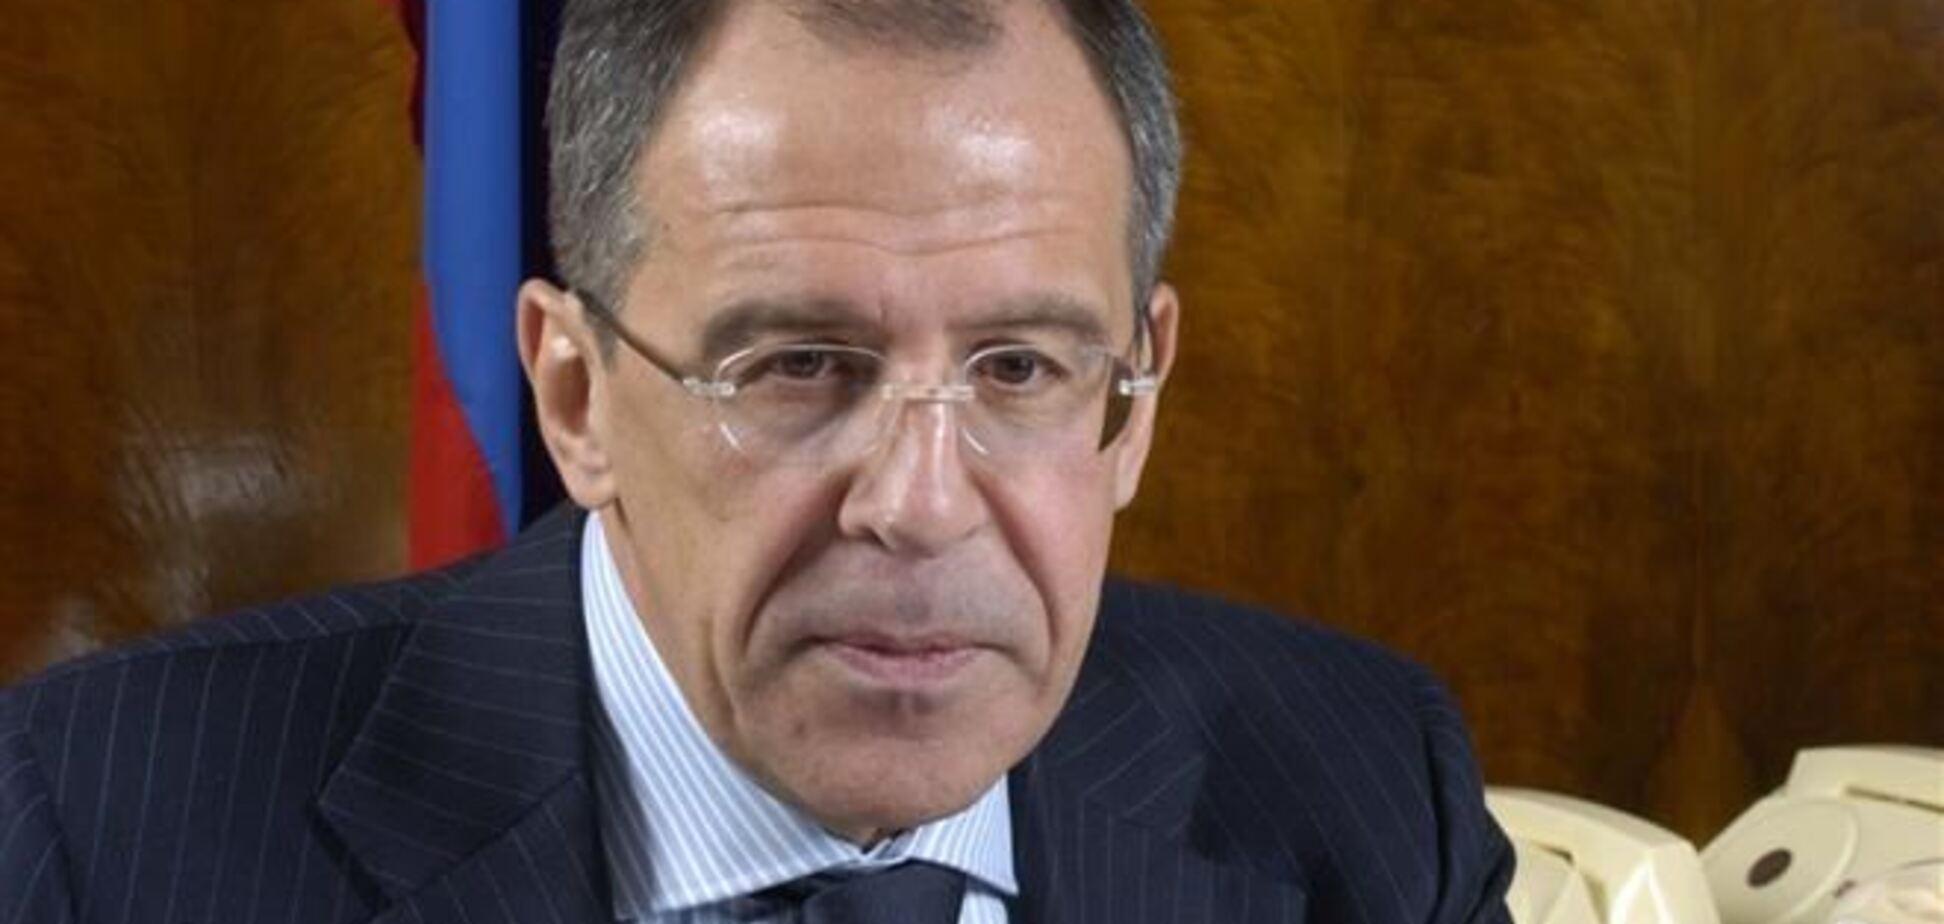 Лавров утверждает, что против Черноморского флота готовятся провокации